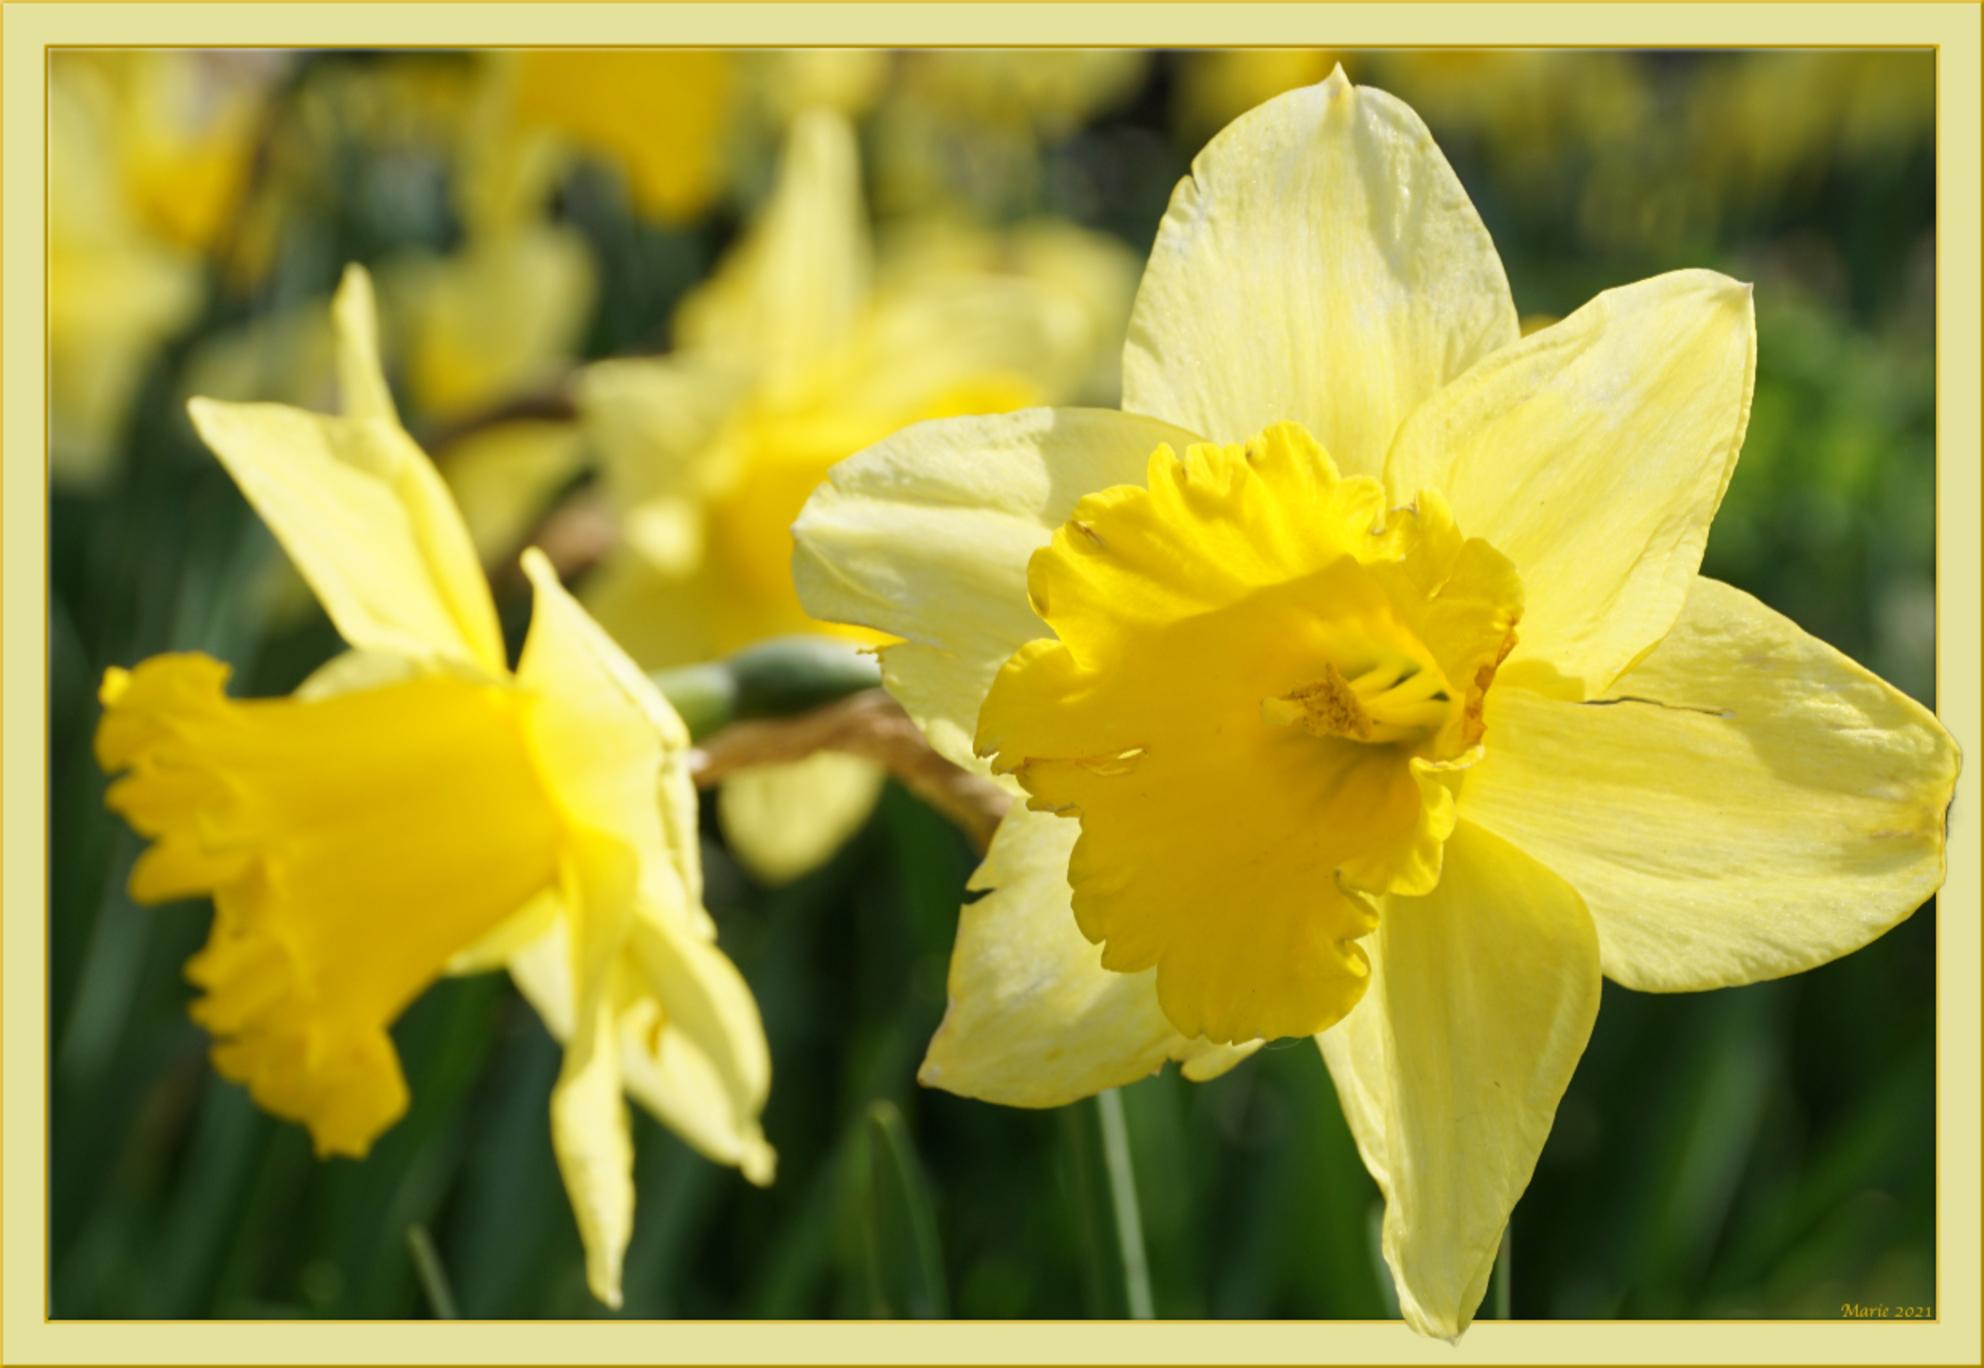 Lente - Narcissen - foto door Marie_zoom op 08-04-2021 - deze foto bevat: bloem, fabriek, bloemblaadje, terrestrische plant, narcissus, kruidachtige plant, bloeiende plant, pedicel, gras, wildflower